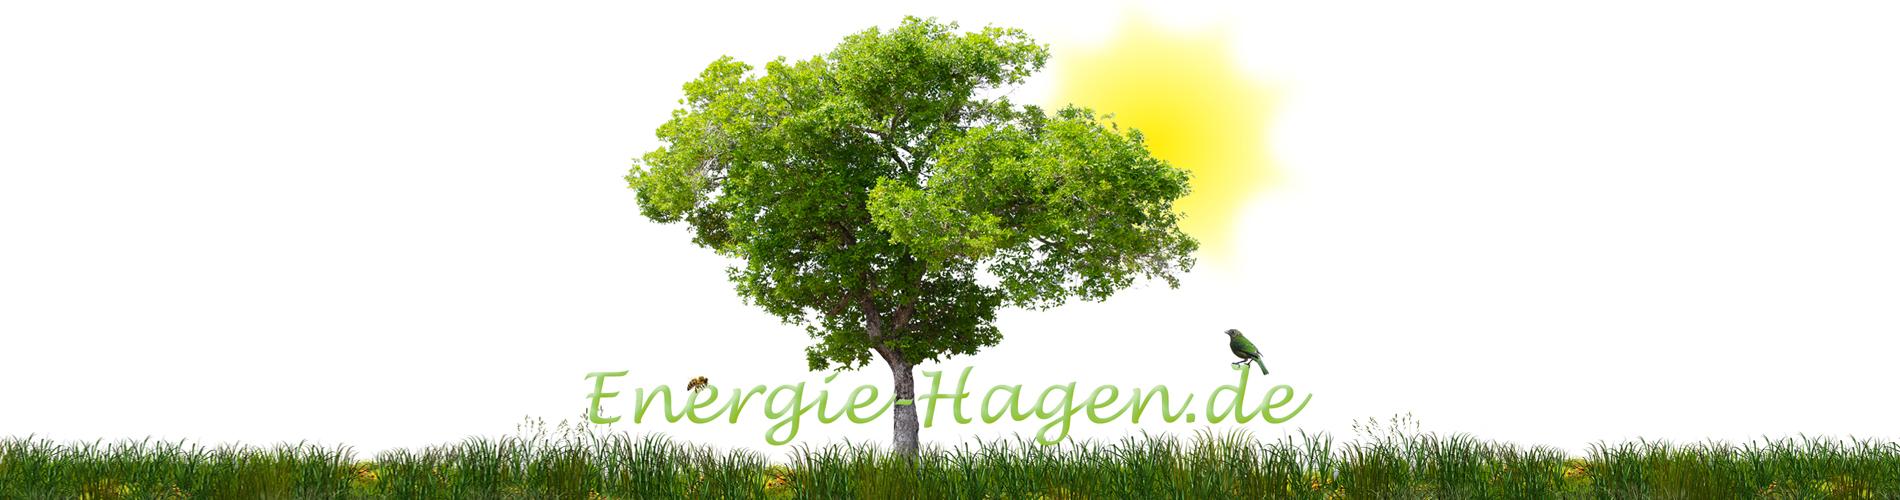 Energie Hagen - Kinder-Erlebniskurse – Reiki – Gartengestaltung Garten und Beratung Hessen